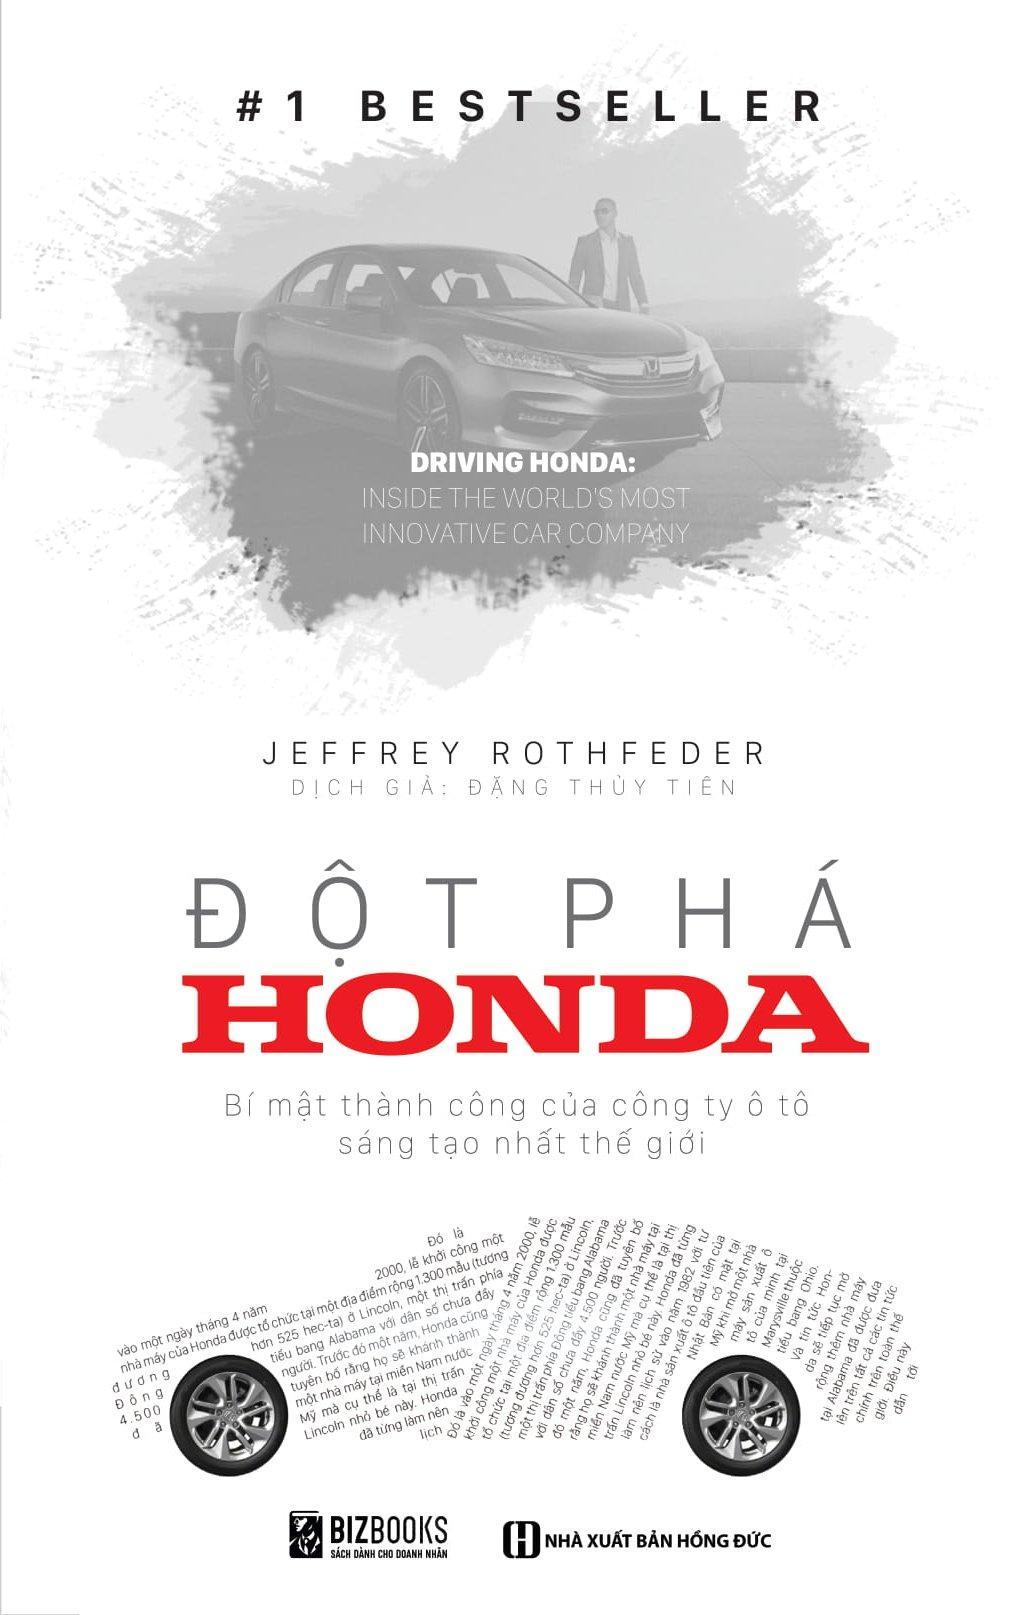 Mua Đột phá Honda – Bí Mật Thành Công Của Công Ty Xe Sáng Tạo Nhất Thế Giới